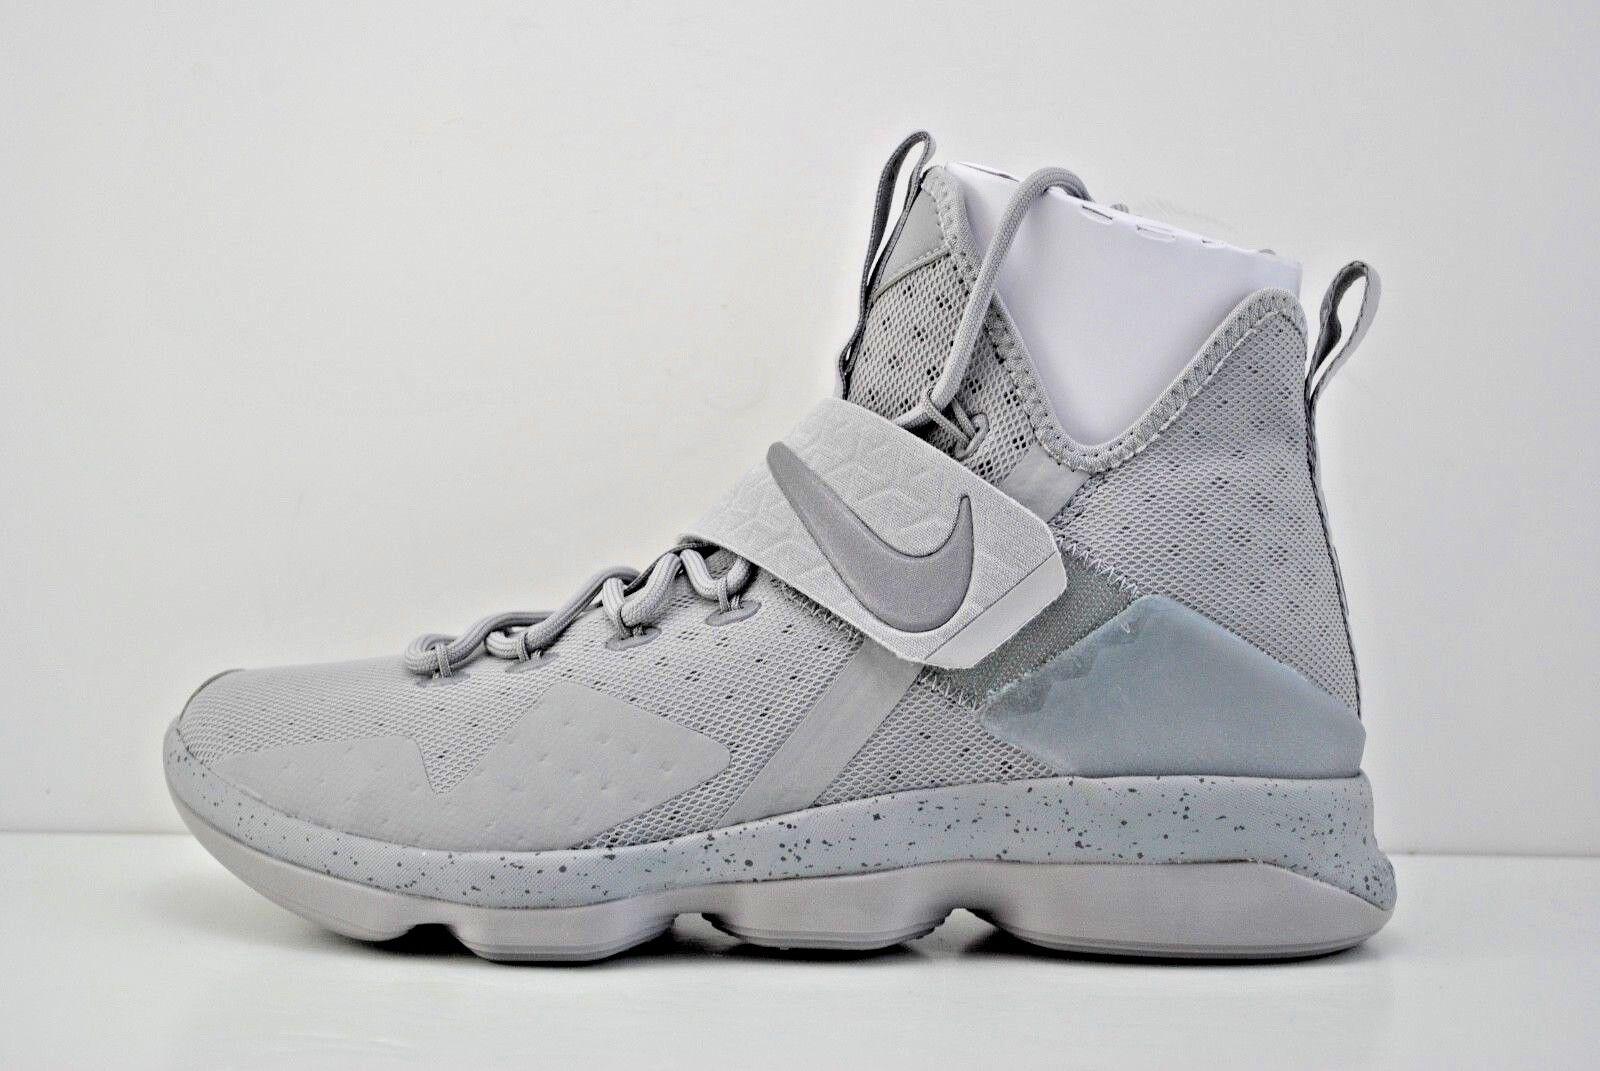 Mens Nike Lebron Size XIV 14 Basketball Shoes Size Lebron 10 Grey Reflect Silver 852405 007 d7b034